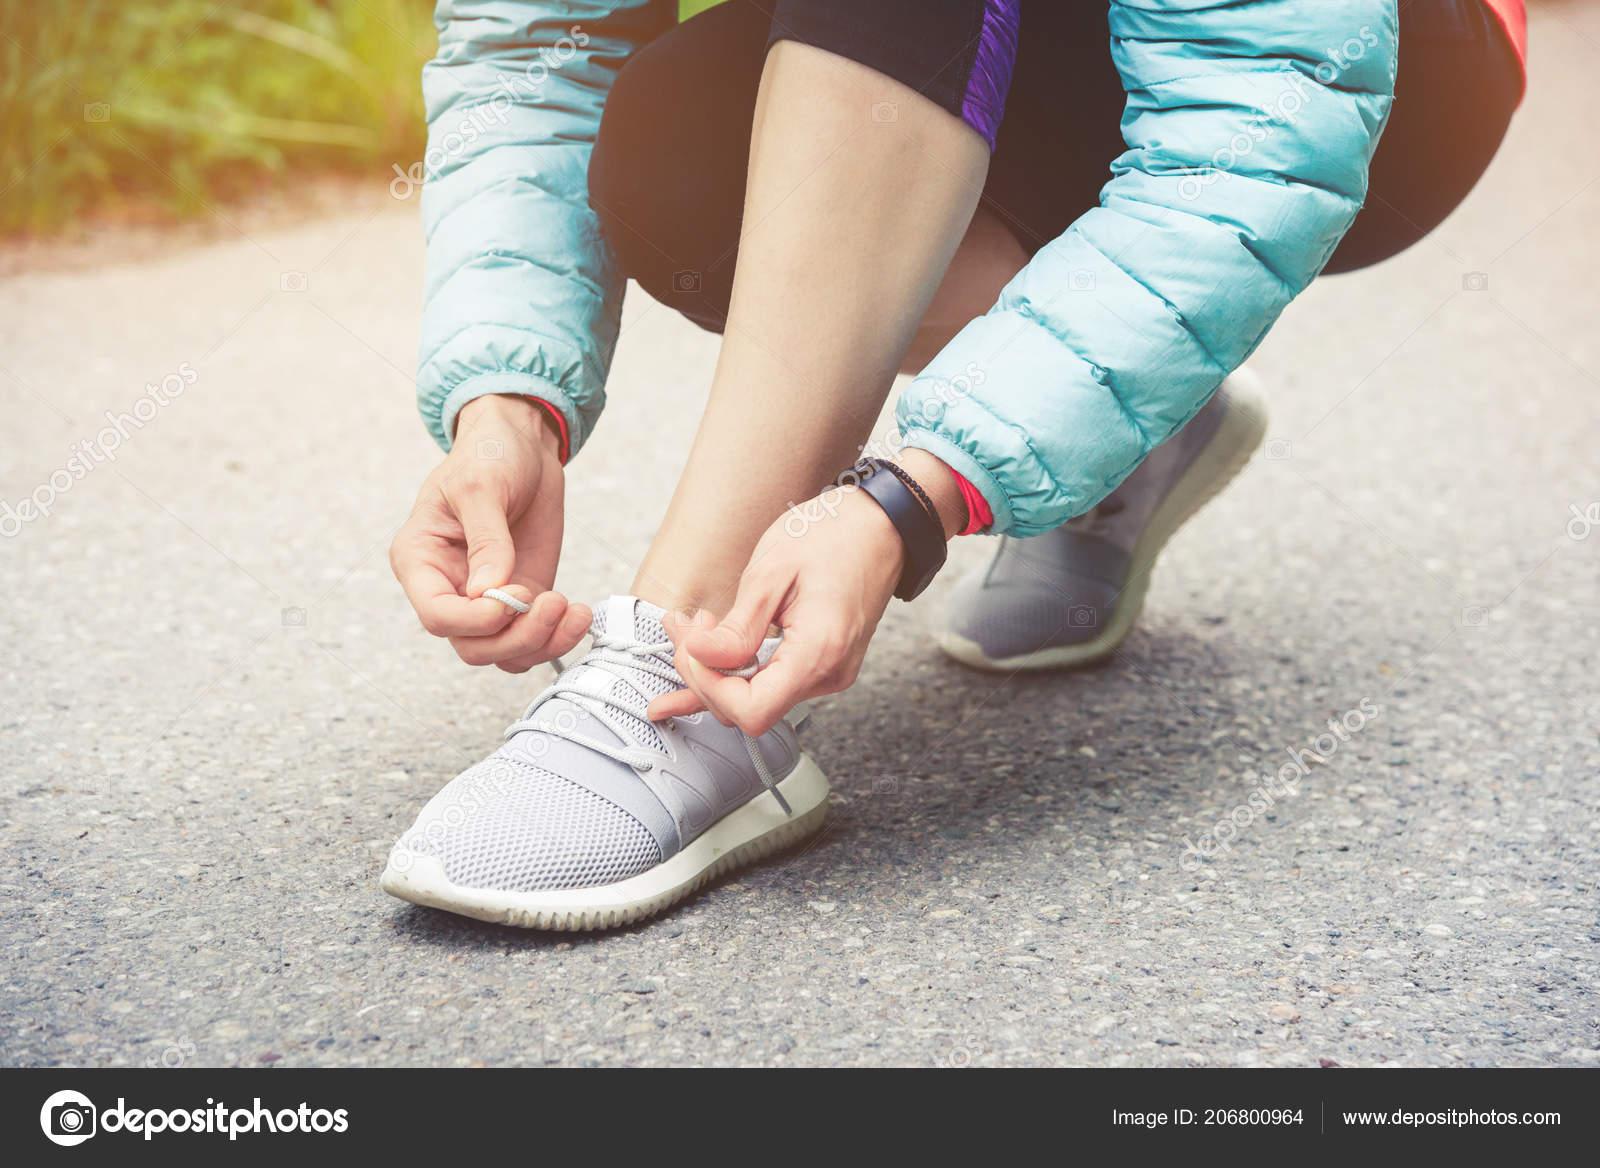 De Coureur Sur Jogging Lier Chaussures Lacets Les Ses Fille dwwOaqC